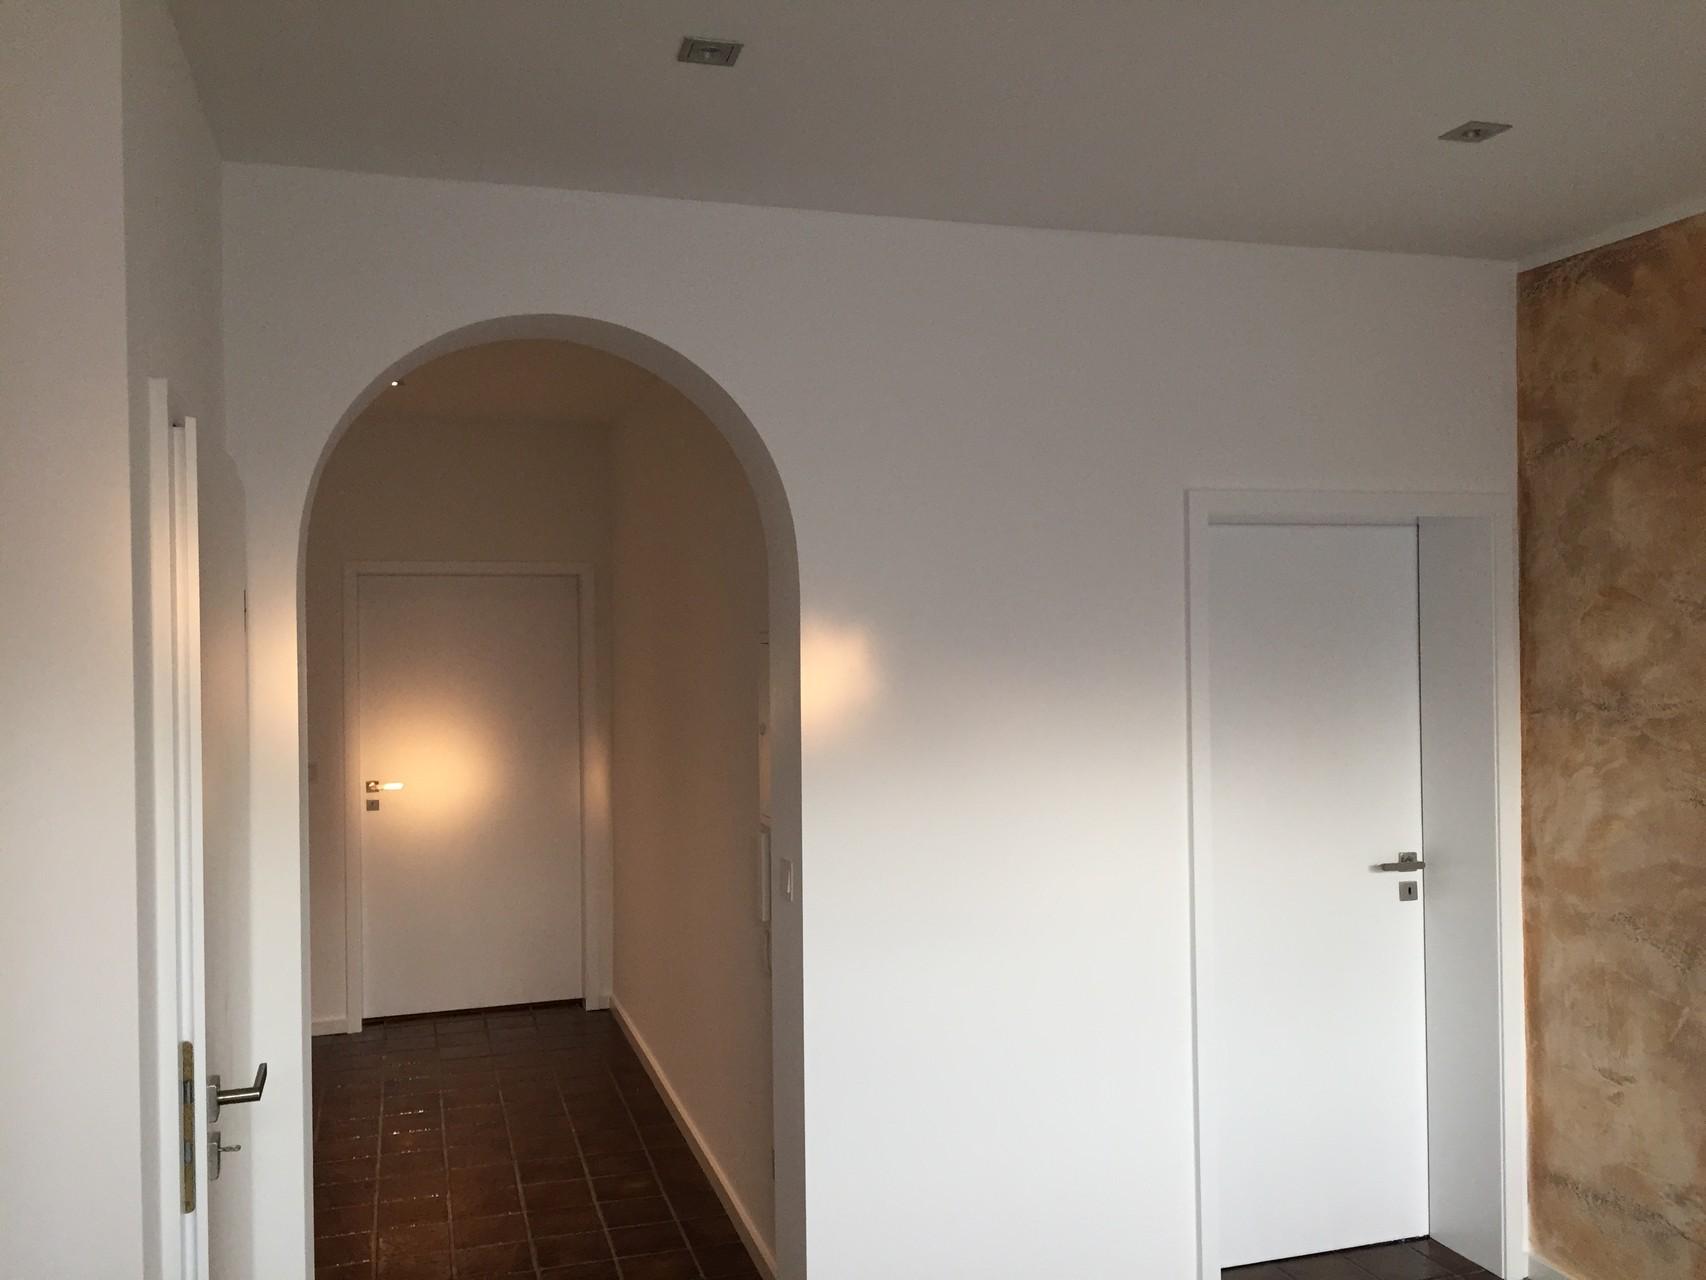 wnde glatt verputzen und streichen awesome wand verputzen with wnde glatt verputzen und. Black Bedroom Furniture Sets. Home Design Ideas